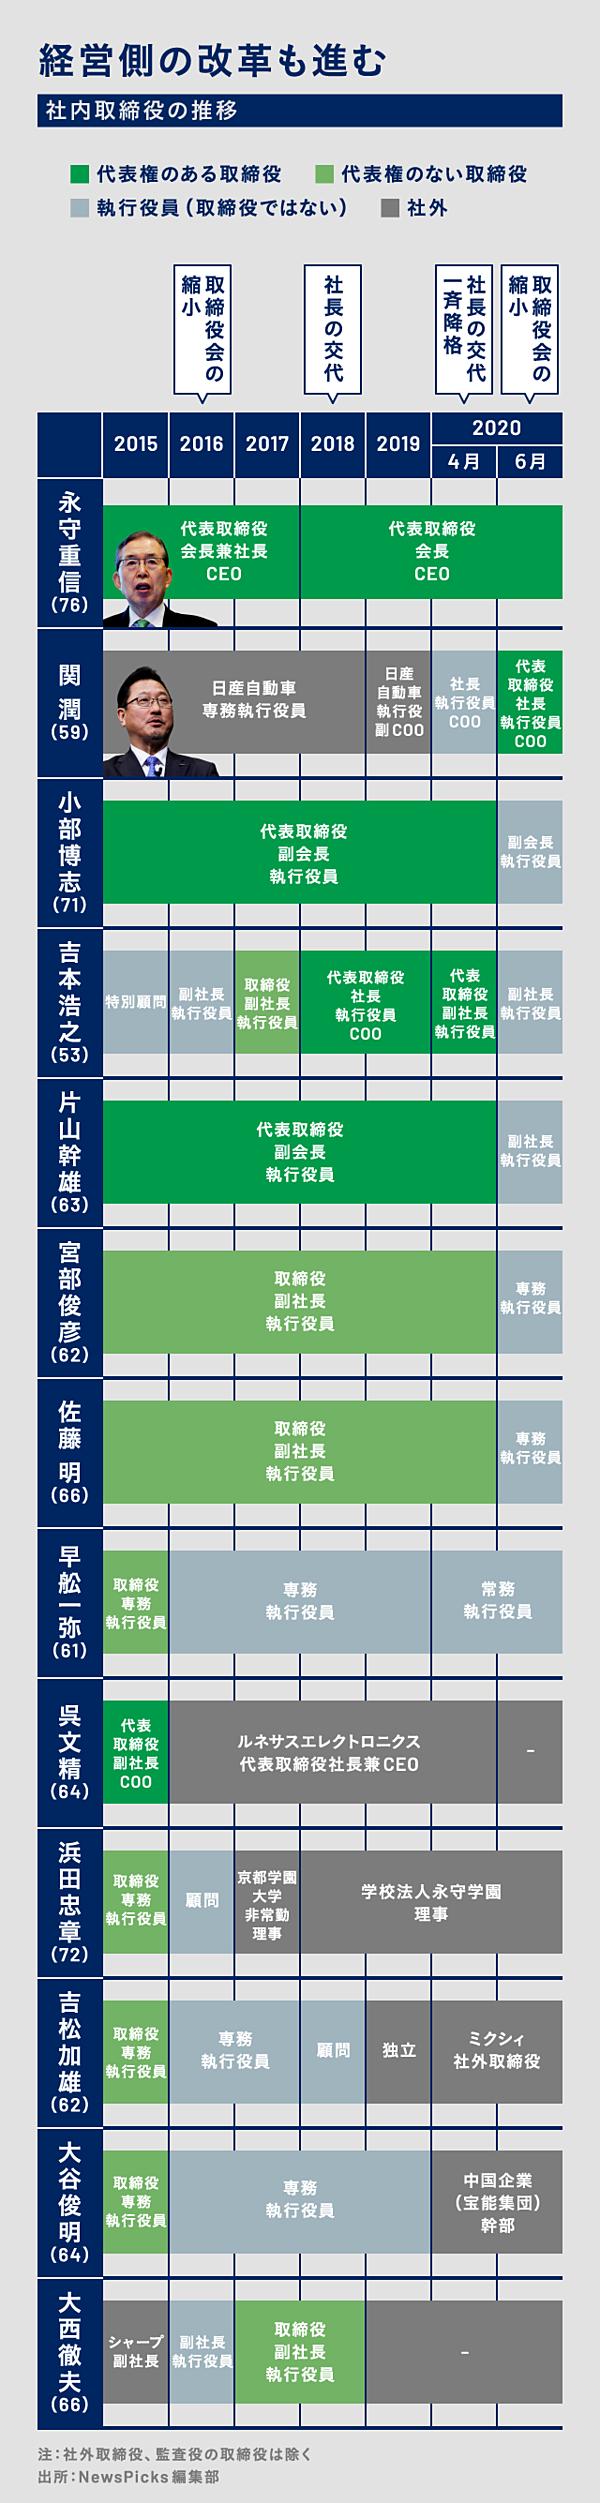 株価 産 日本 電